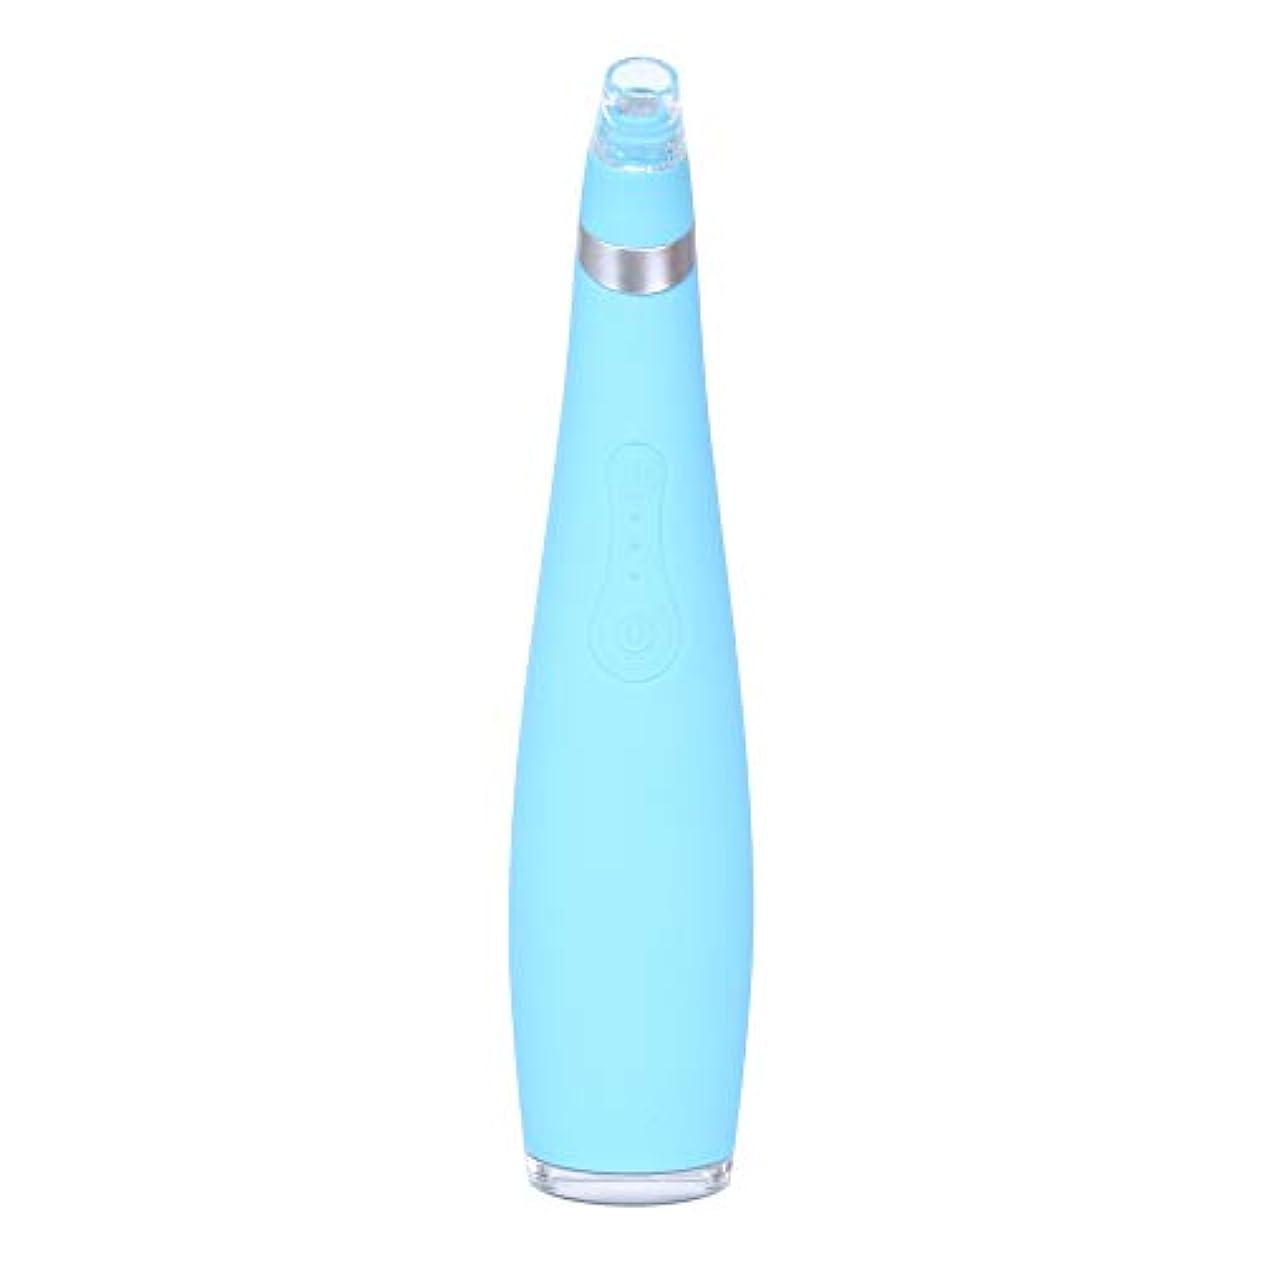 喉が渇いた周辺外部にきび除去剤、顔の皮膚の治療、にきび抽出、角質除去、顔のマッサージのための6つのプローブが付いている真空吸引電気毛穴クリーナー